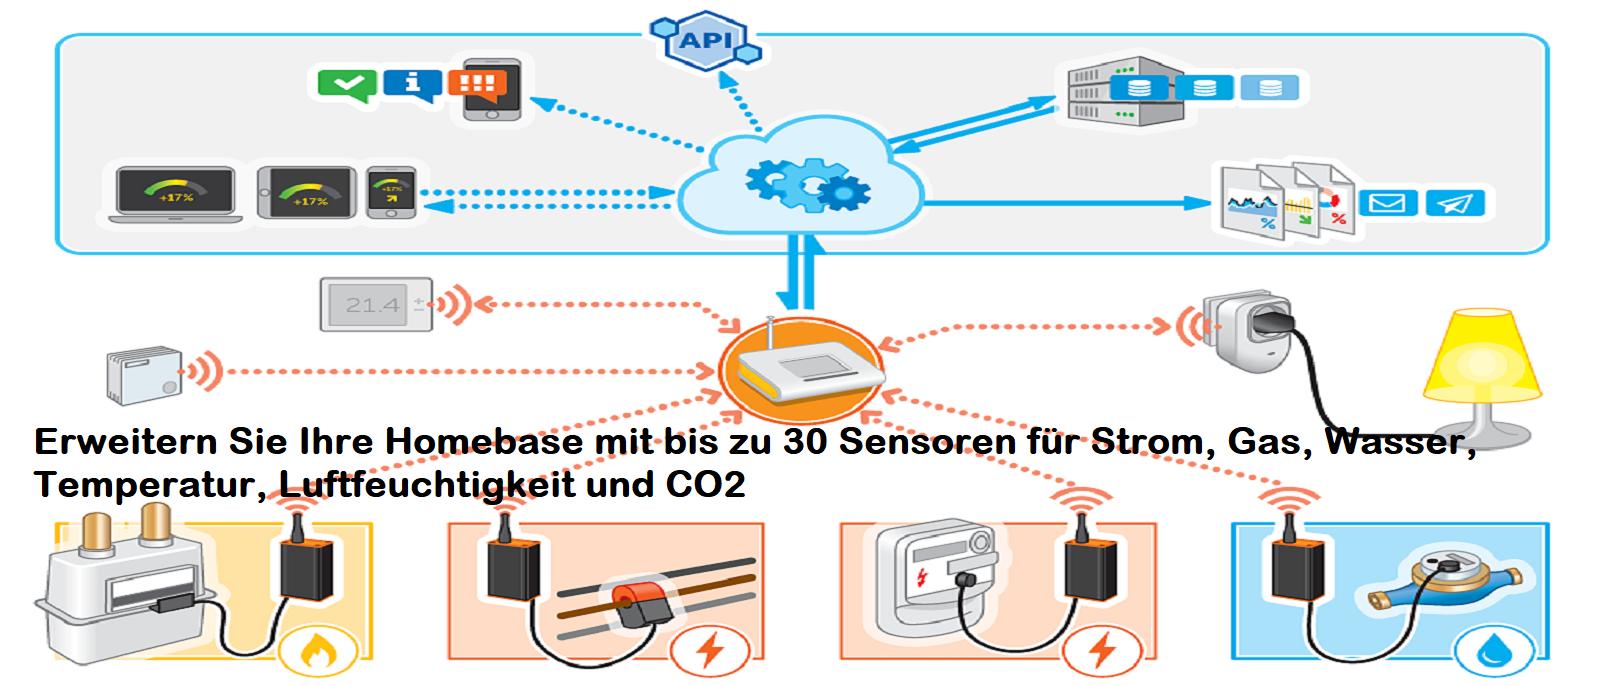 Energomonitor Sensoren